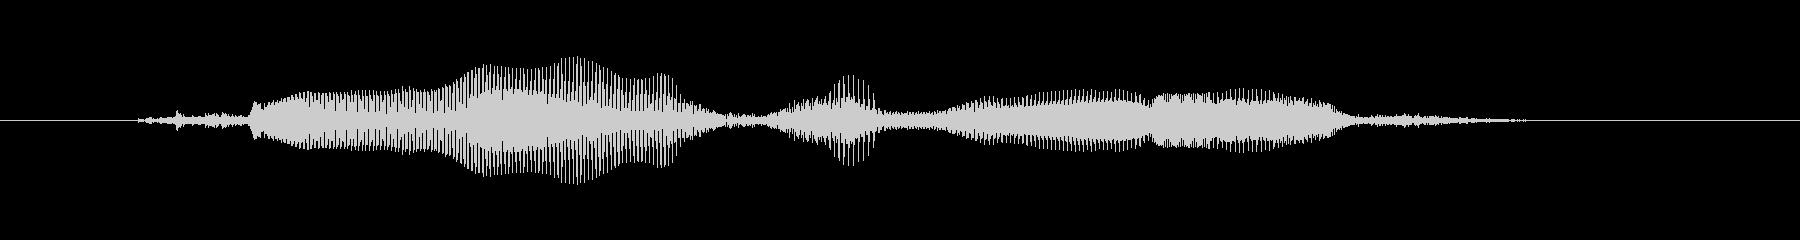 「通話を始めます」の未再生の波形